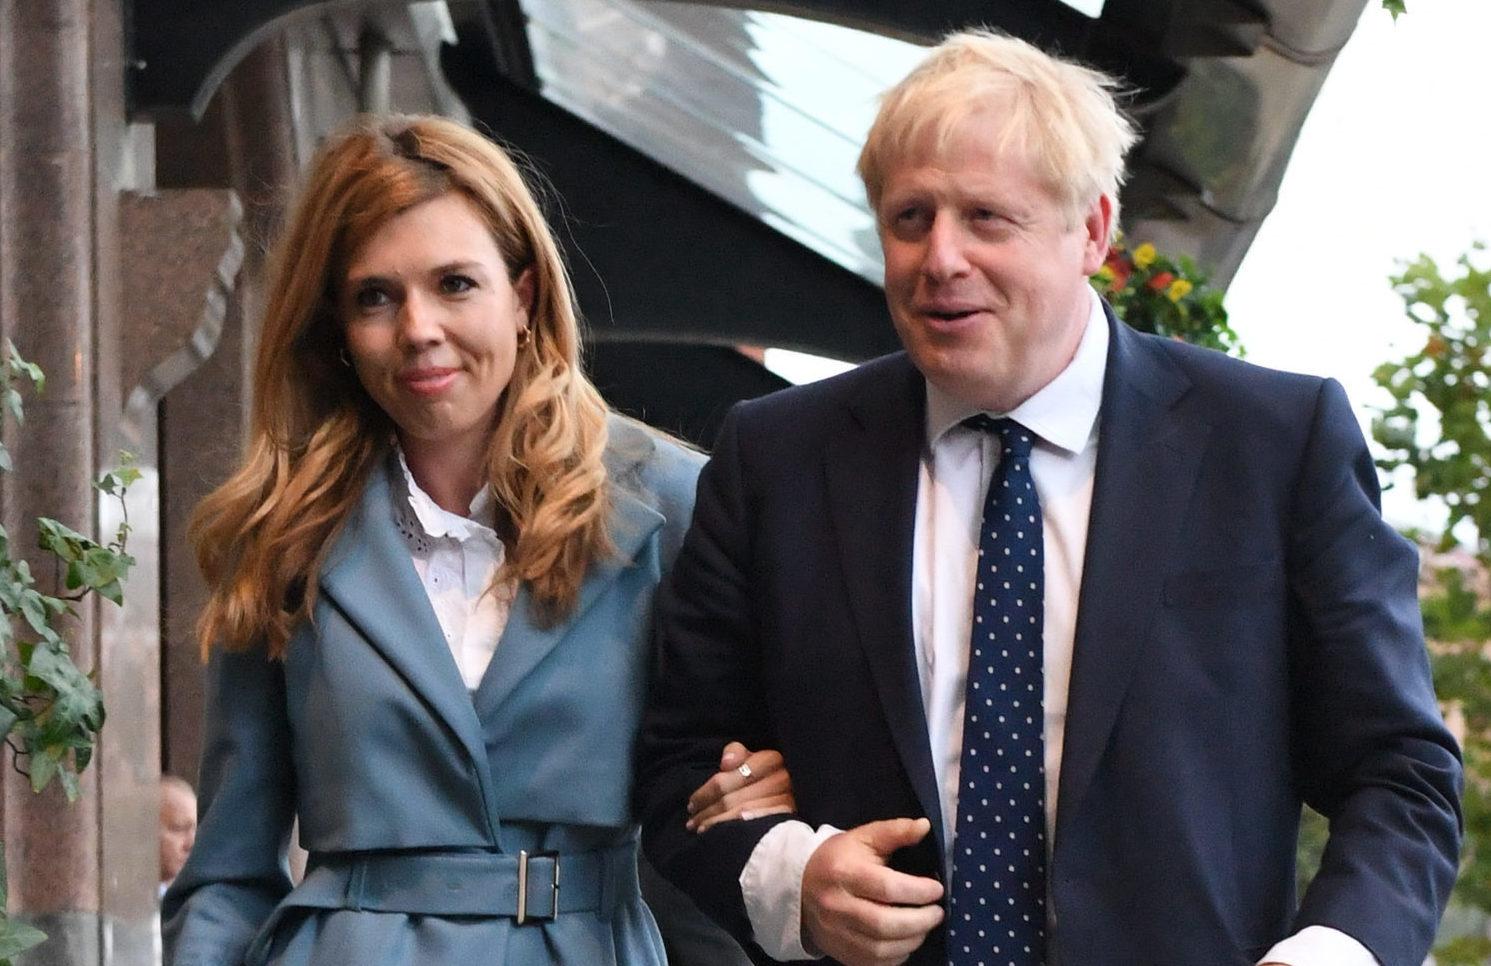 Prime Minister Boris Johnson with partner Carrie Symonds